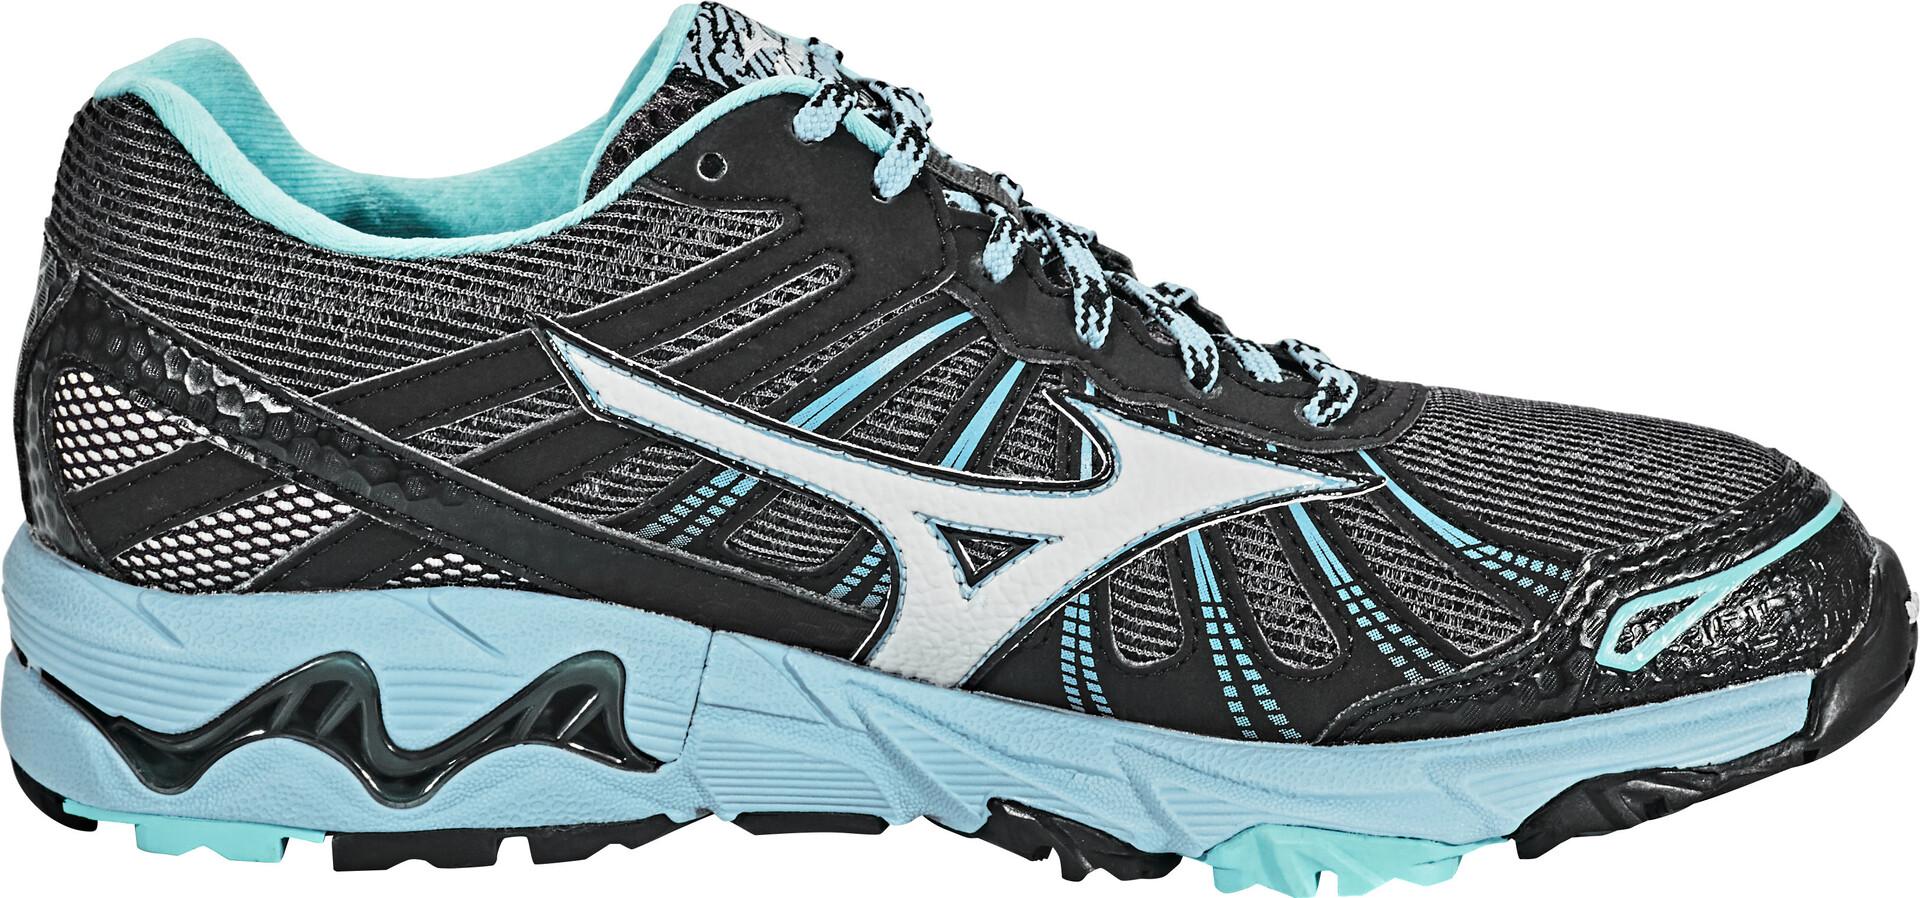 G De Wave Tx FemmeDarkshadsilvernorseblu Mizuno Trail Mujin 3 Chaussures vONwm8n0